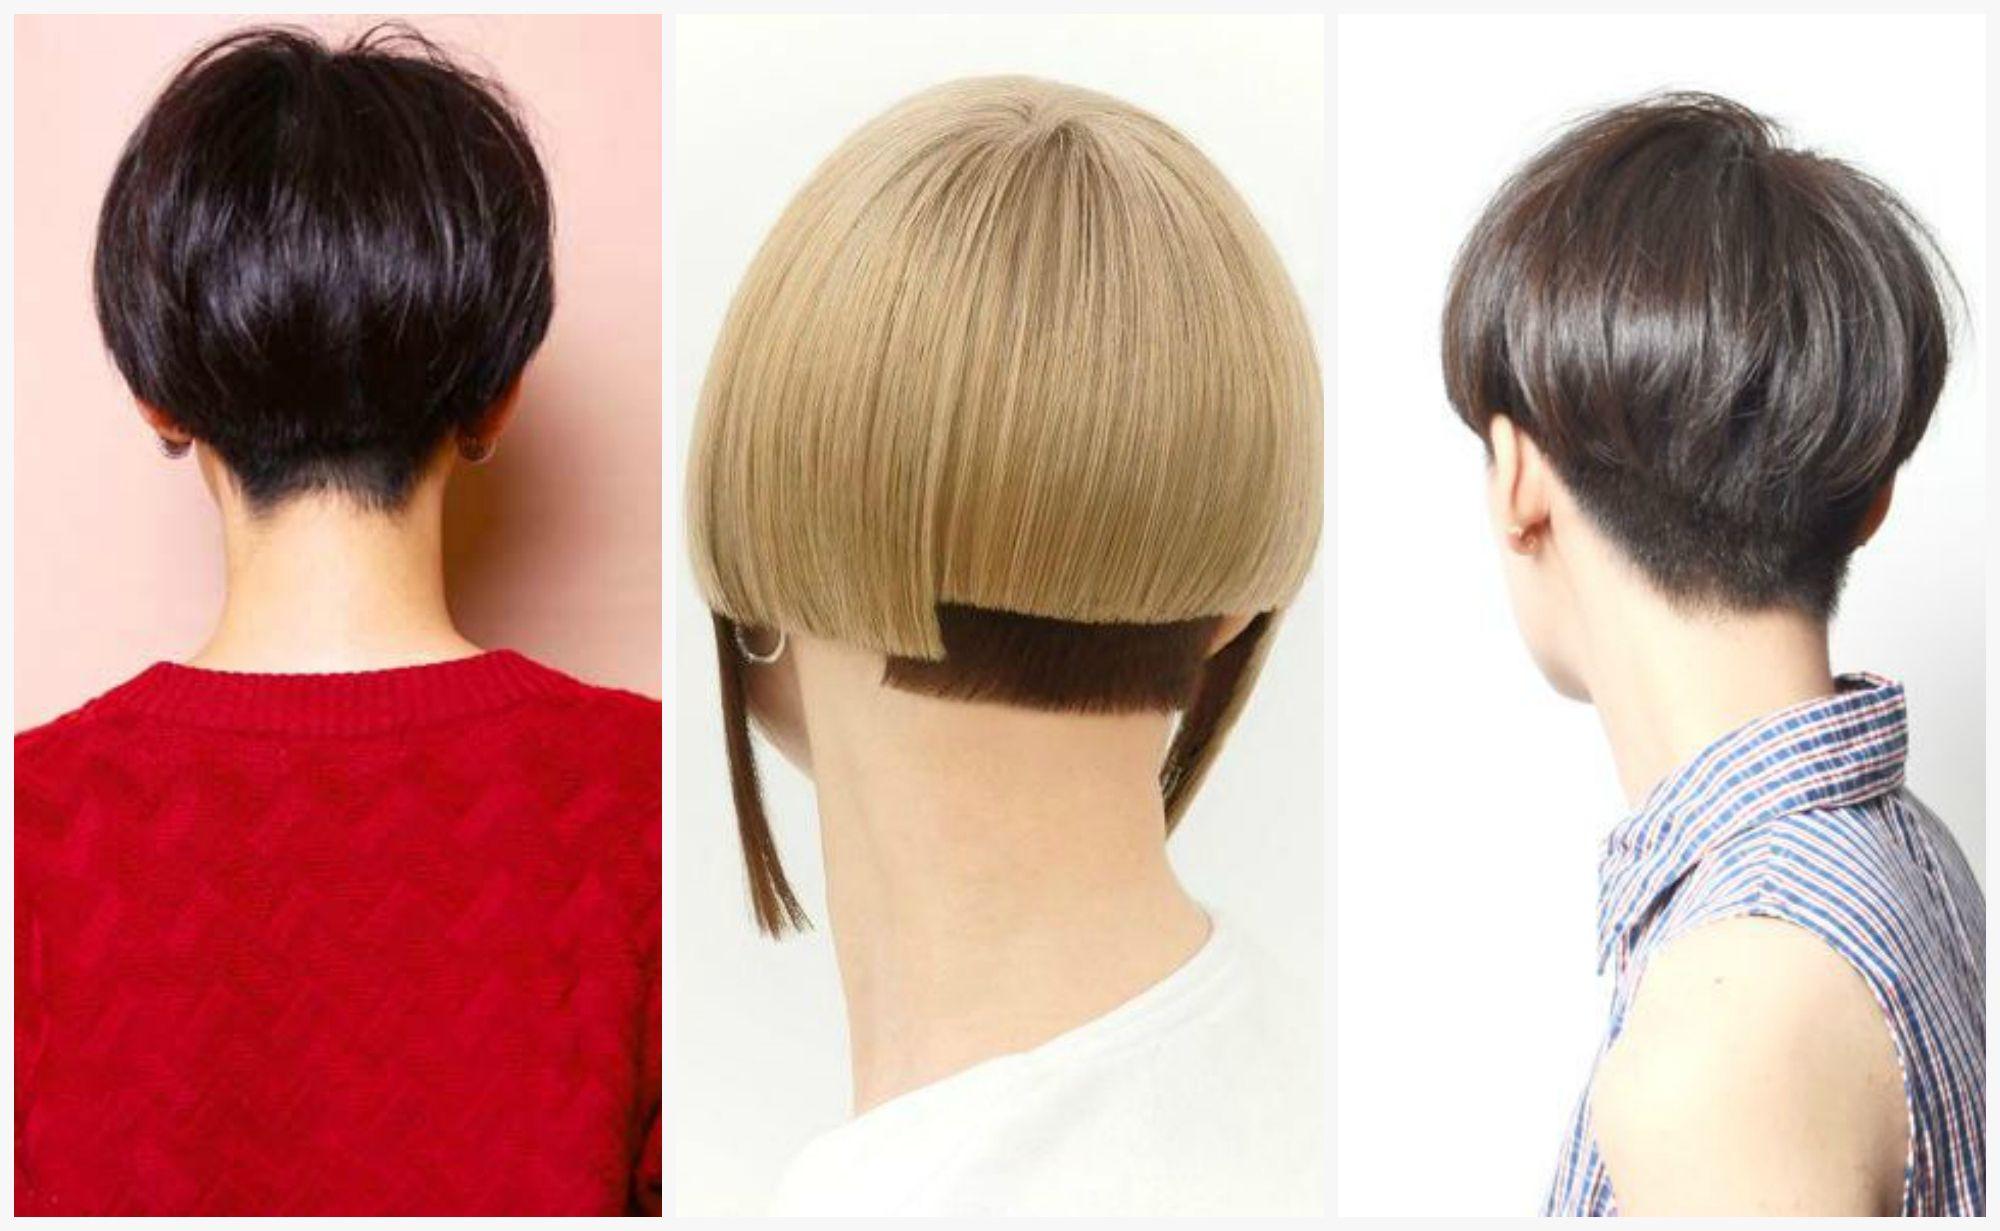 женские стрижки шапочкой на короткие волосы фото